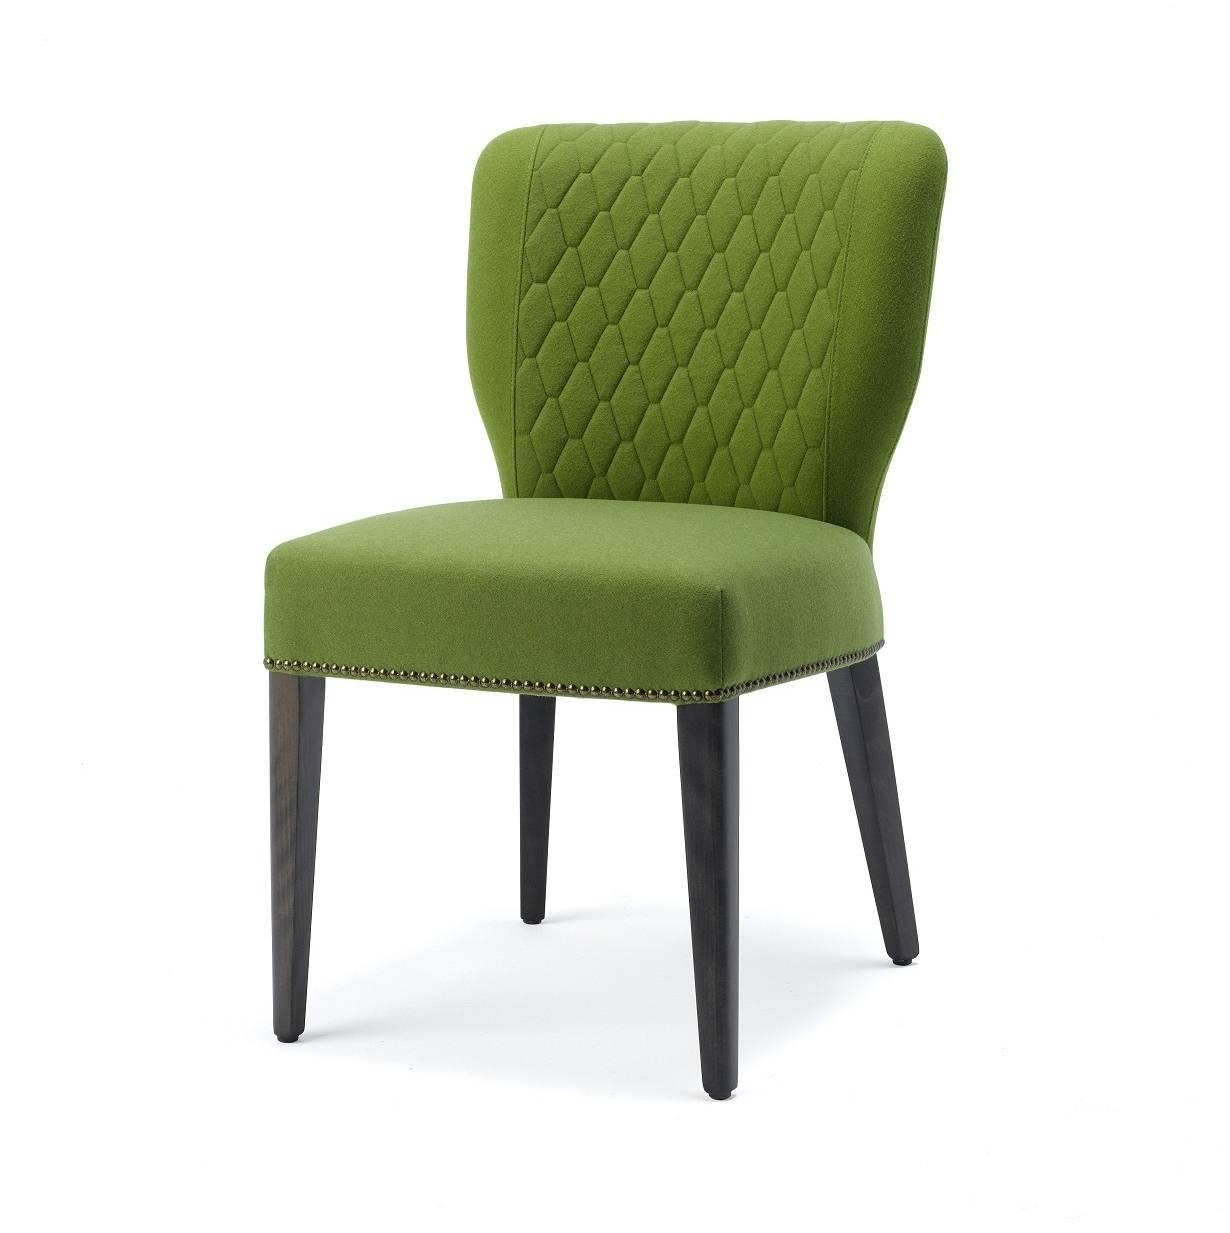 Tische U Stühle Online Anfragen SELECTIV Einrichtungshaus